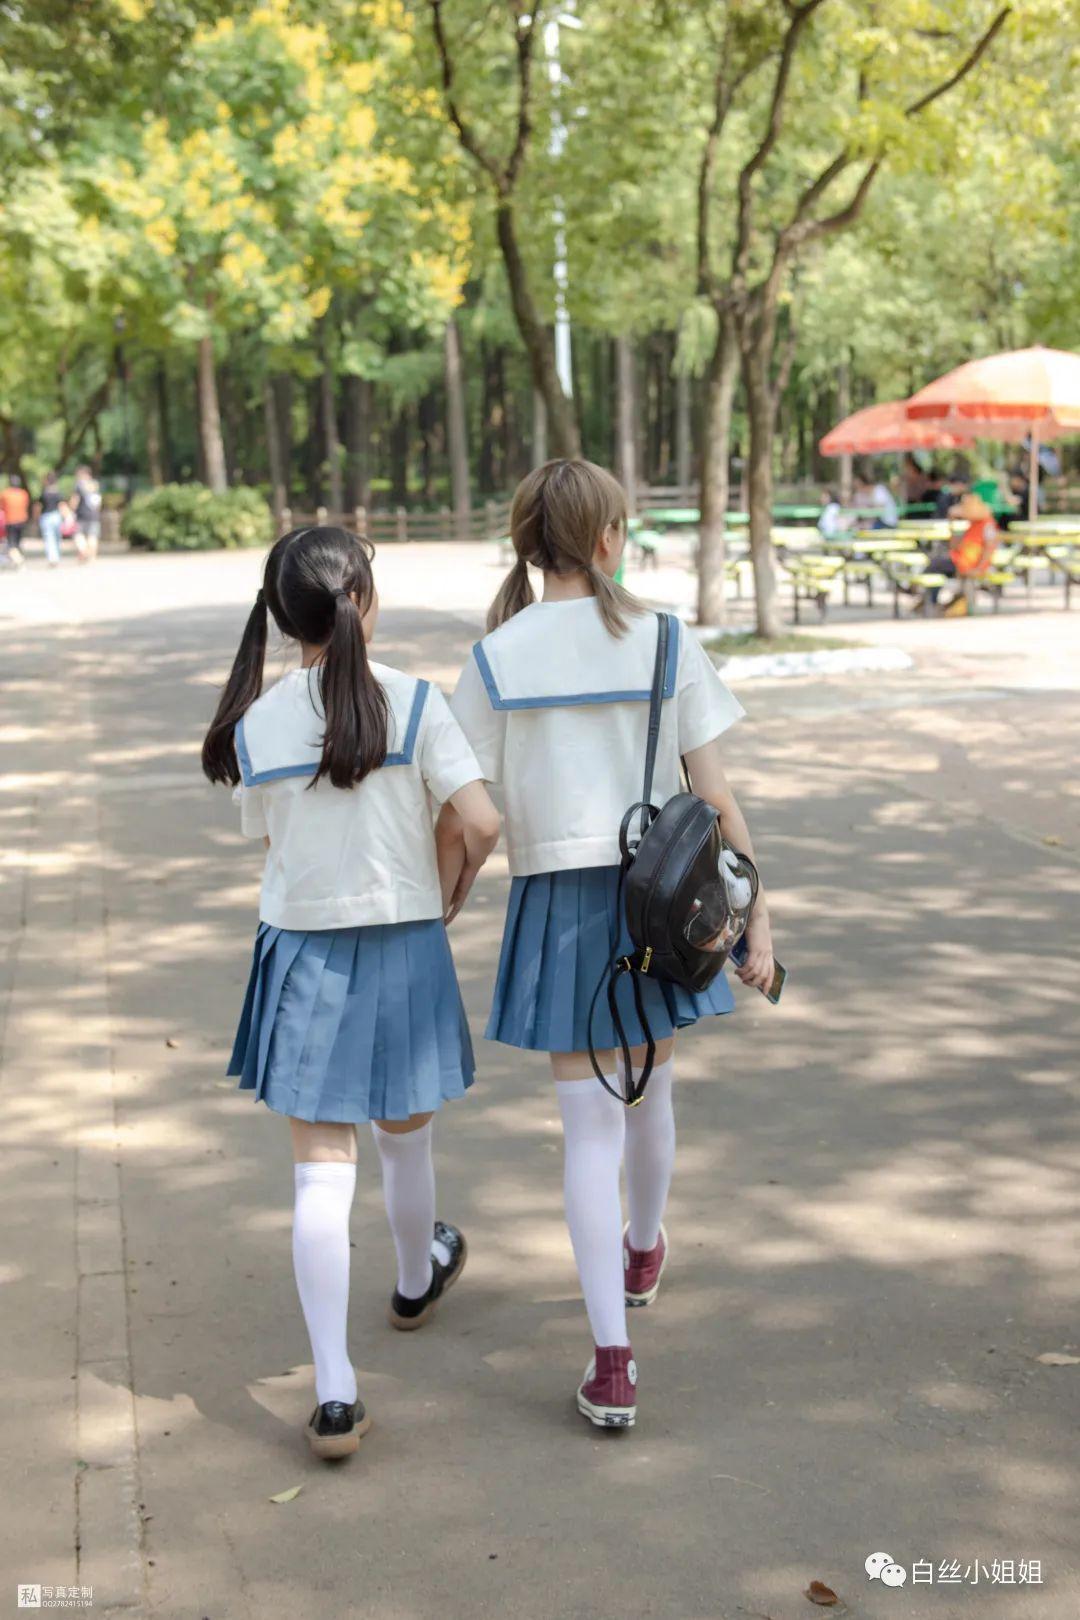 妹子摄影 – 白丝袜JK制服萝莉成对出现,双倍快乐!_图片 No.17